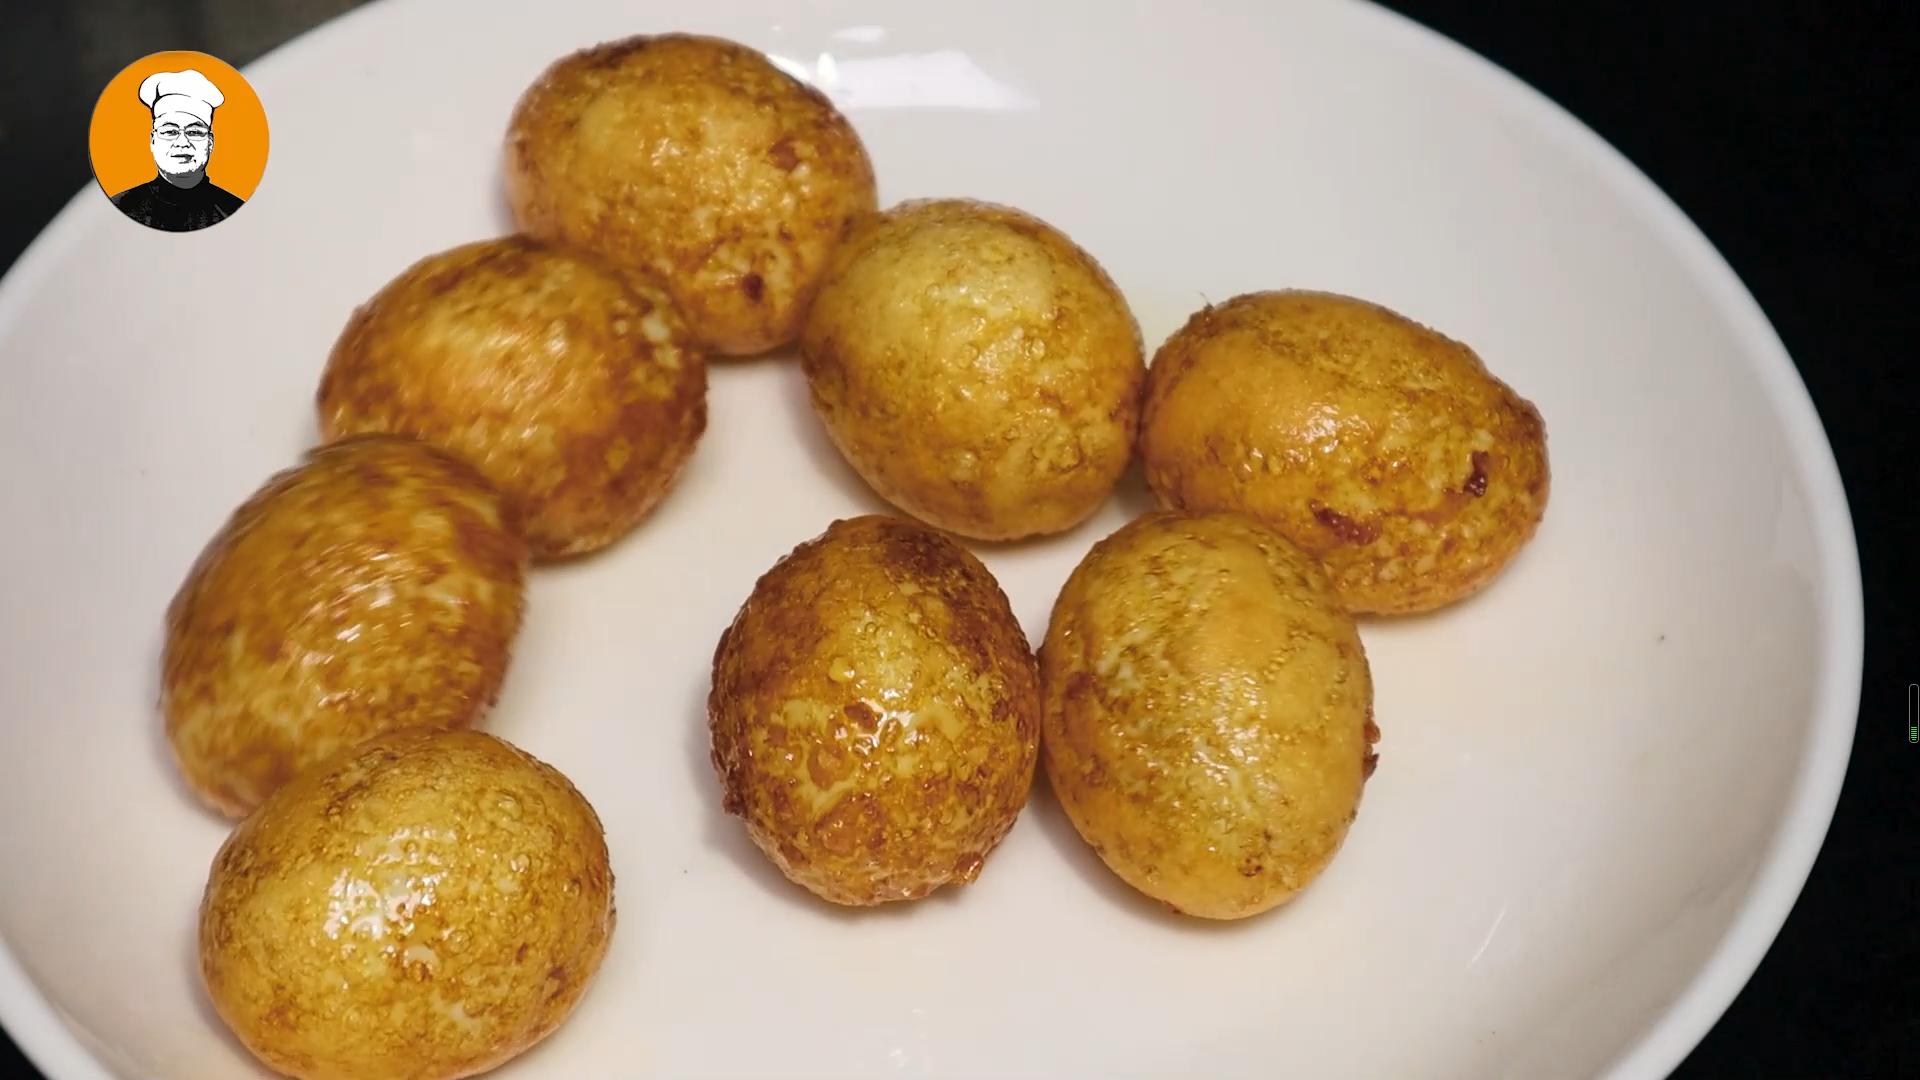 虎皮鸡蛋正确做法,一煮二炸三炖,鸡蛋香酥可口,饭店都很难吃到 美食做法 第6张